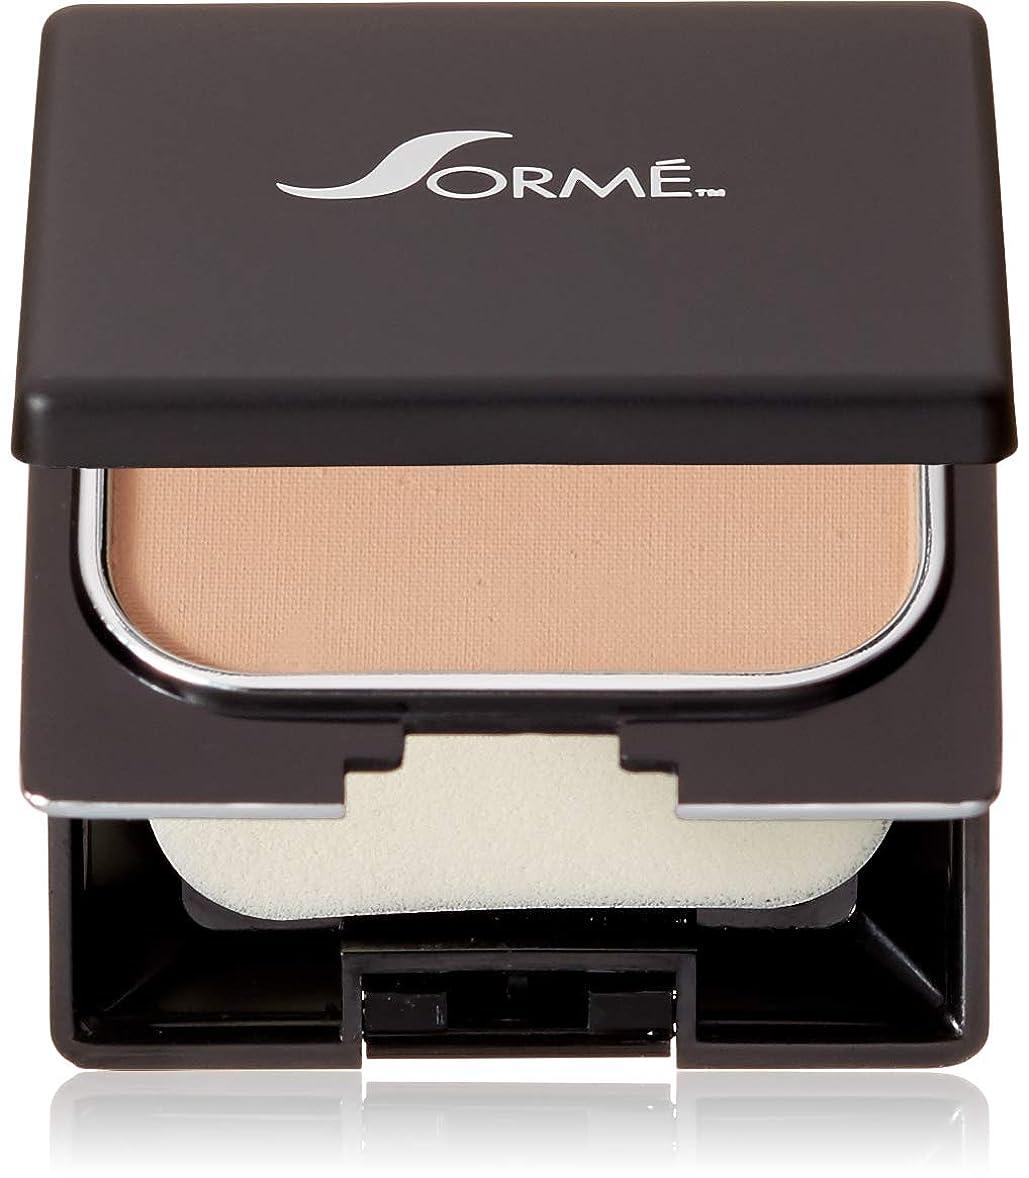 舞い上がる更新舗装するSorme' Treatment Cosmetics Sorme化粧品信じフィニッシュパウダーファンデーション、0.23オンス 0.23オンス ブラッシュベージュ